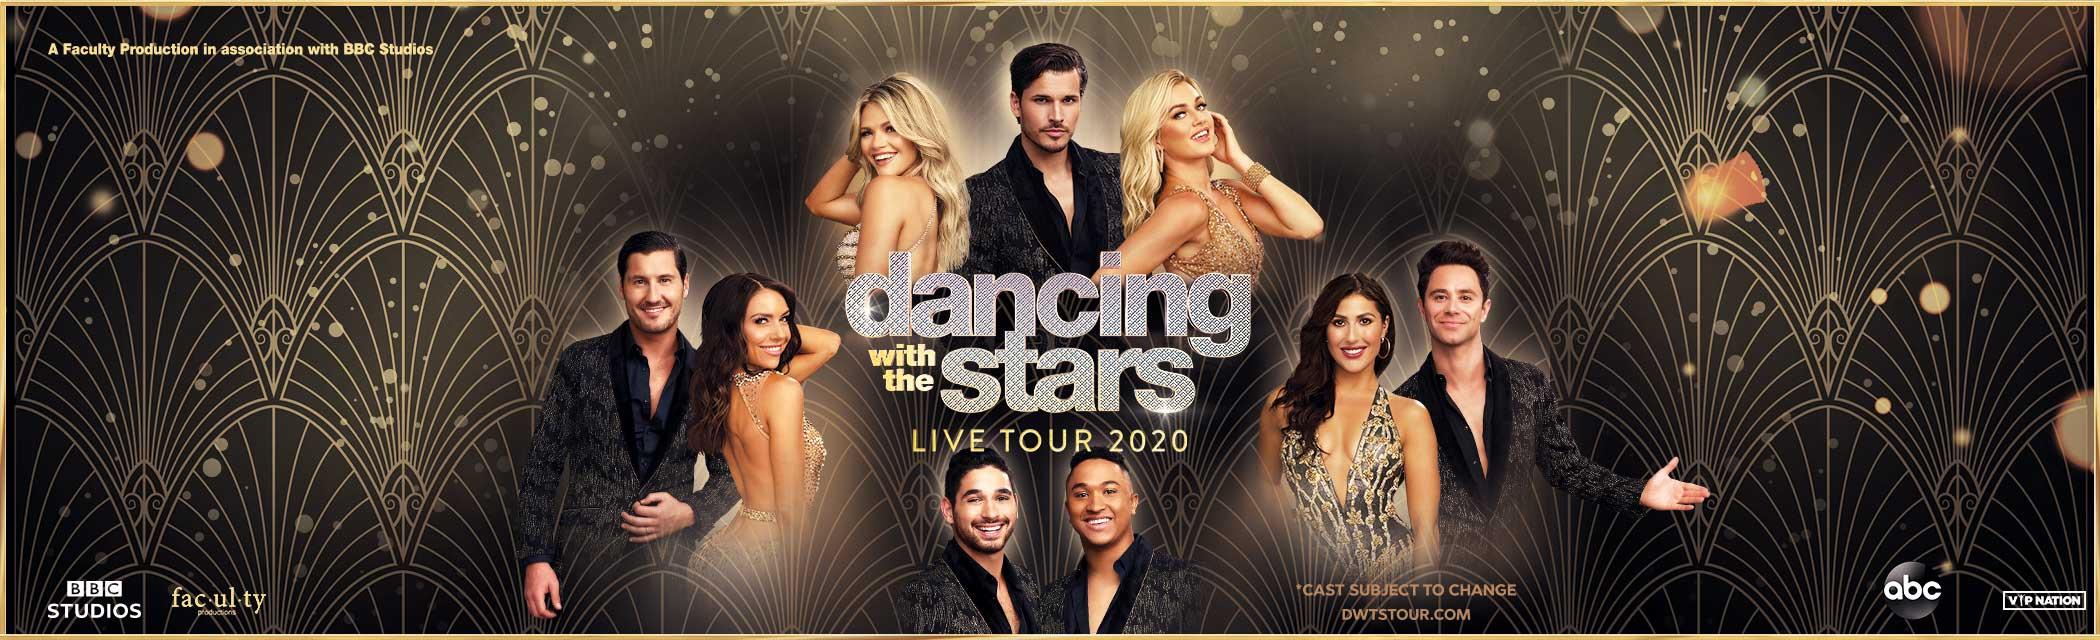 2020 Tour